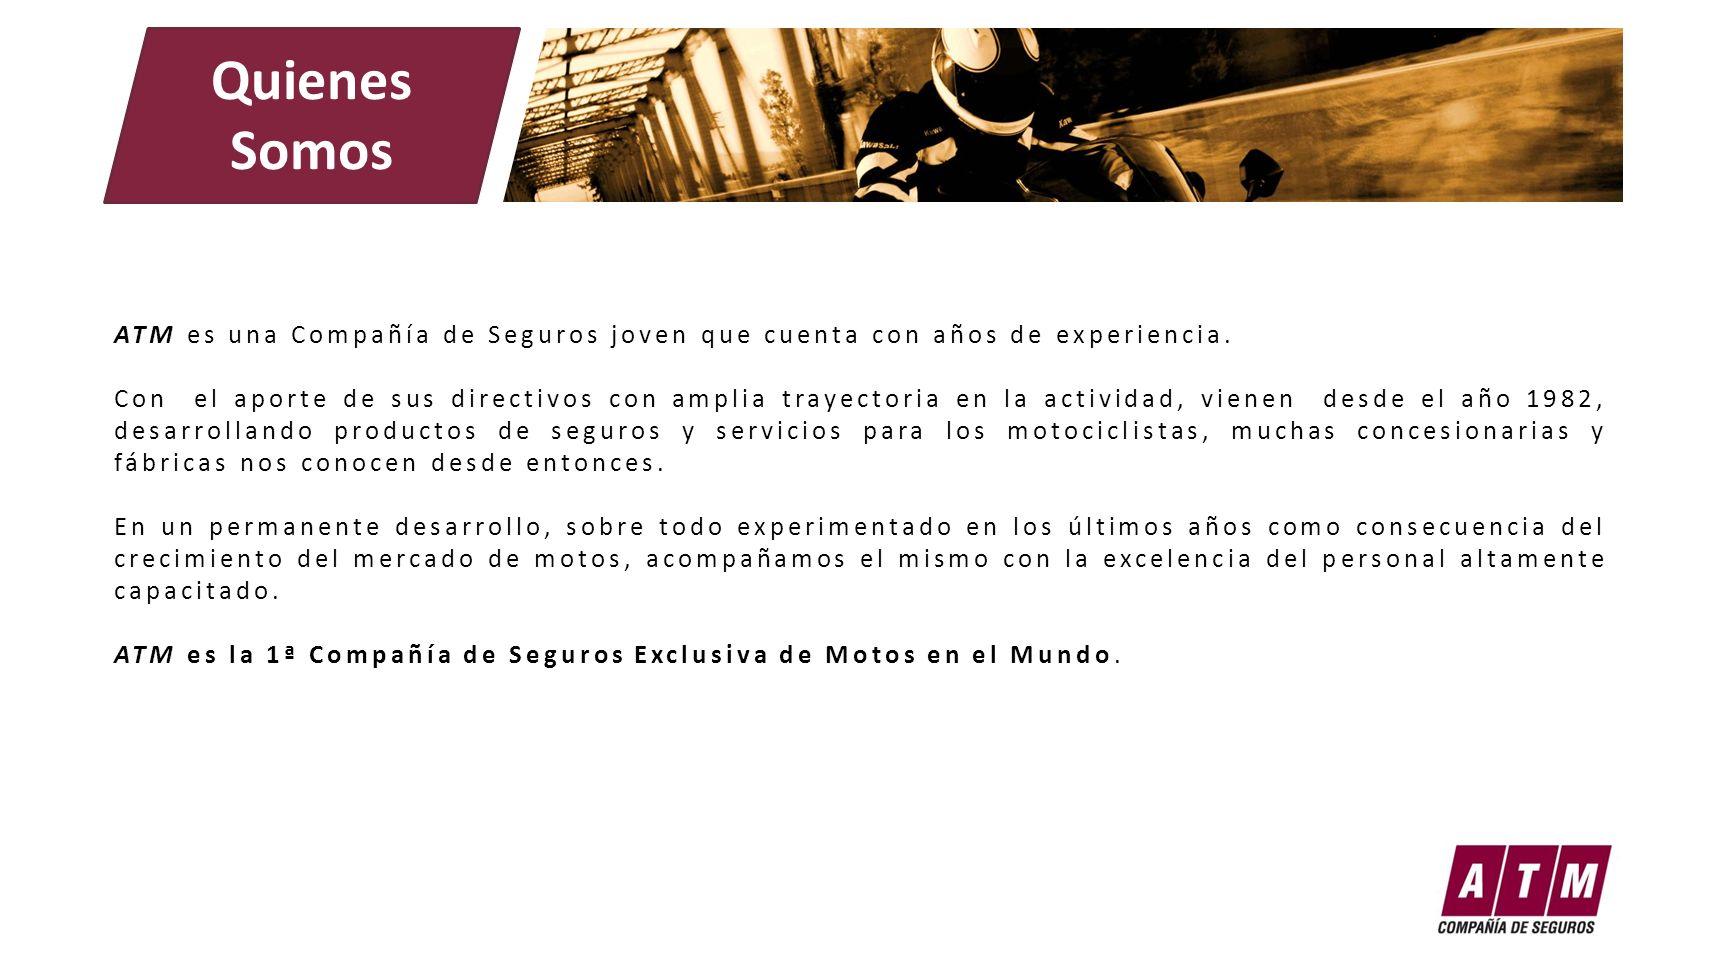 Quienes Somos ATM es una Compañía de Seguros joven que cuenta con años de experiencia.